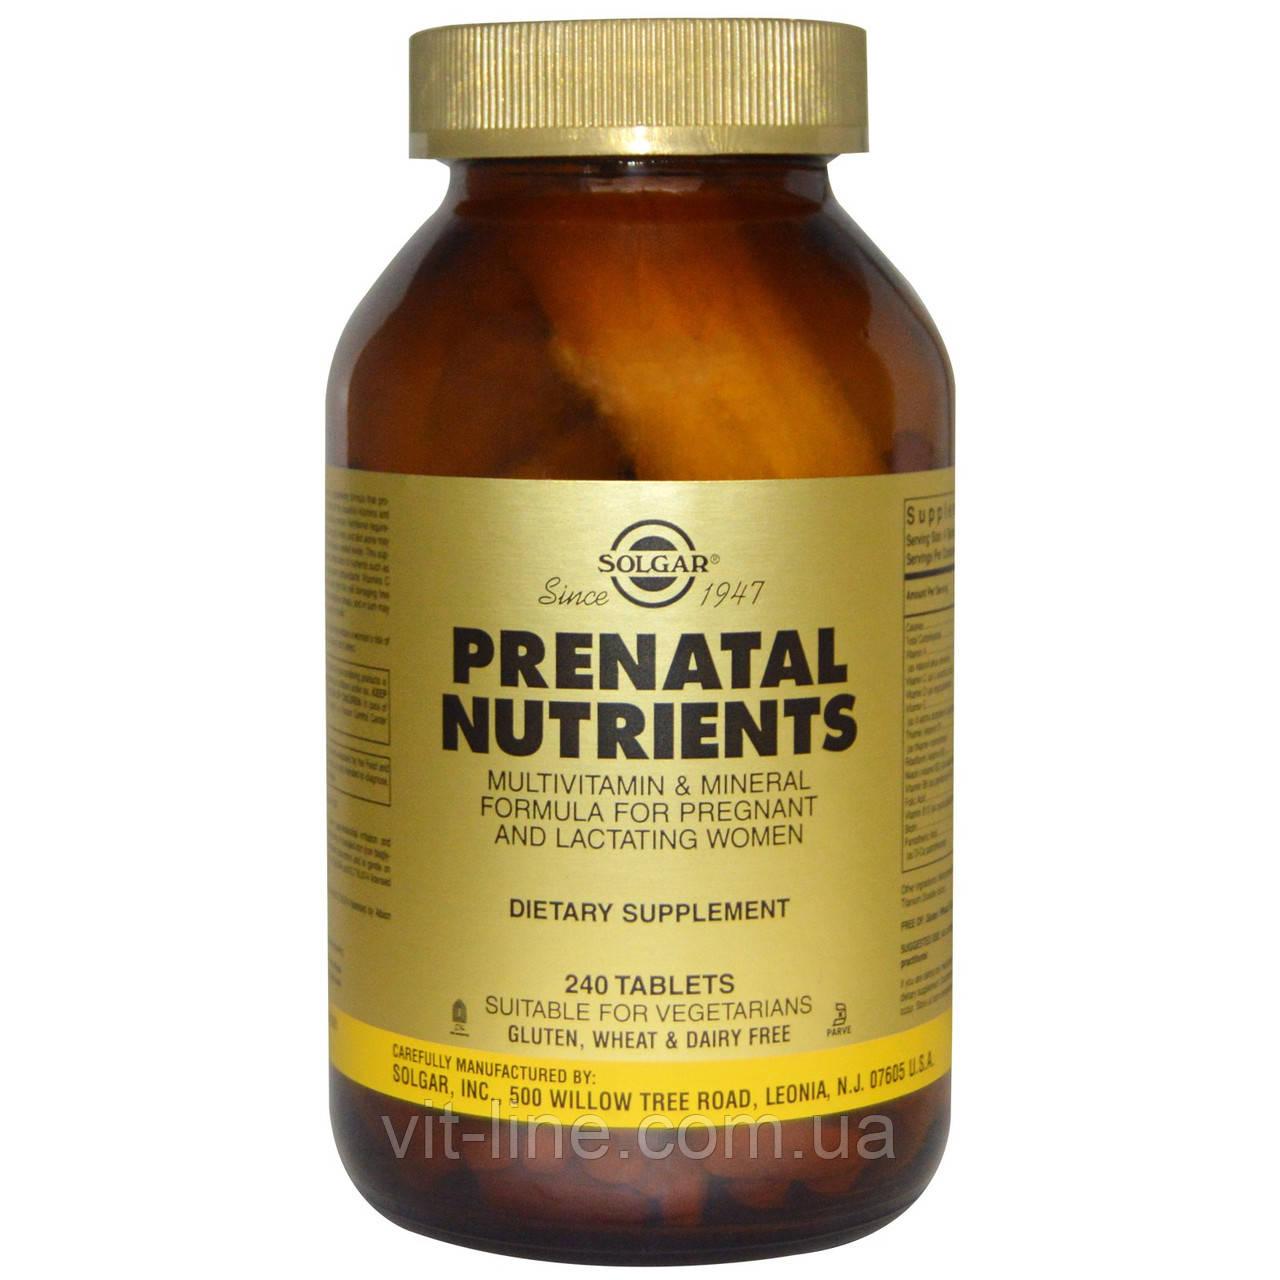 Solgar, Prenatal Nutrients, Multivitamin & Mineral Поливитамины и минералы для беременных 240 таблеток